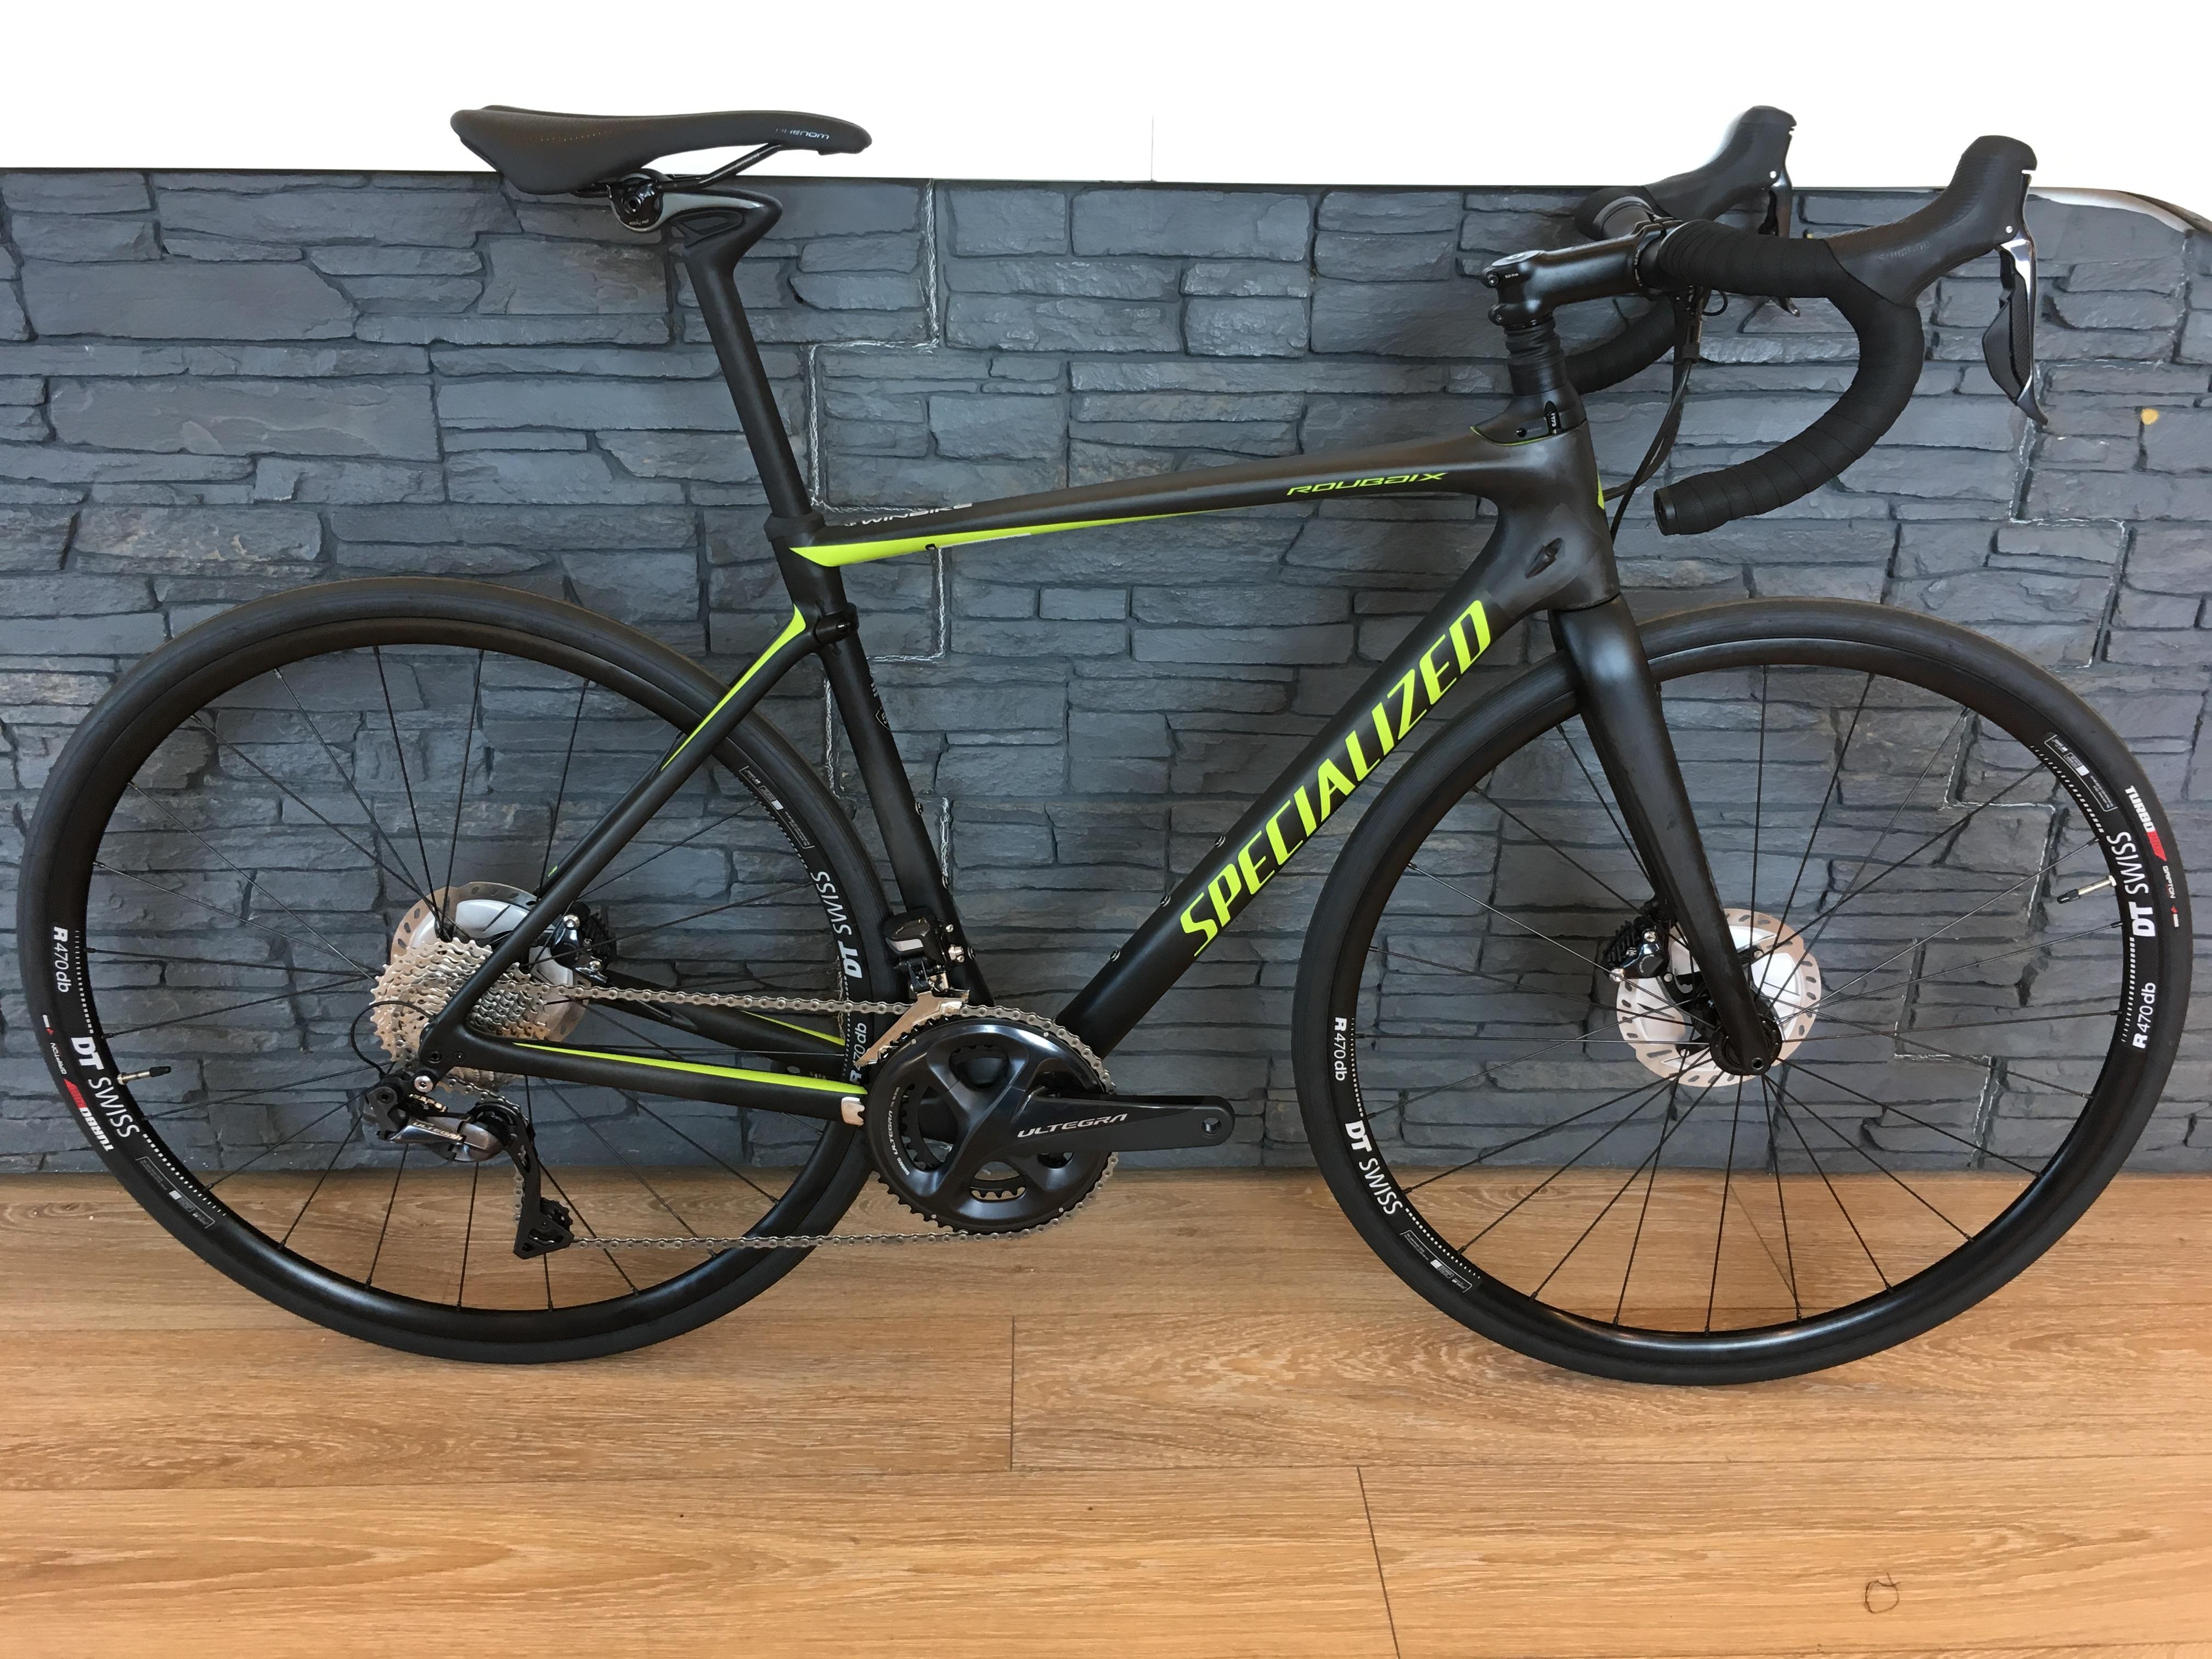 Specialized Roubaix Comp Ultegra Di2 54 2019 Image